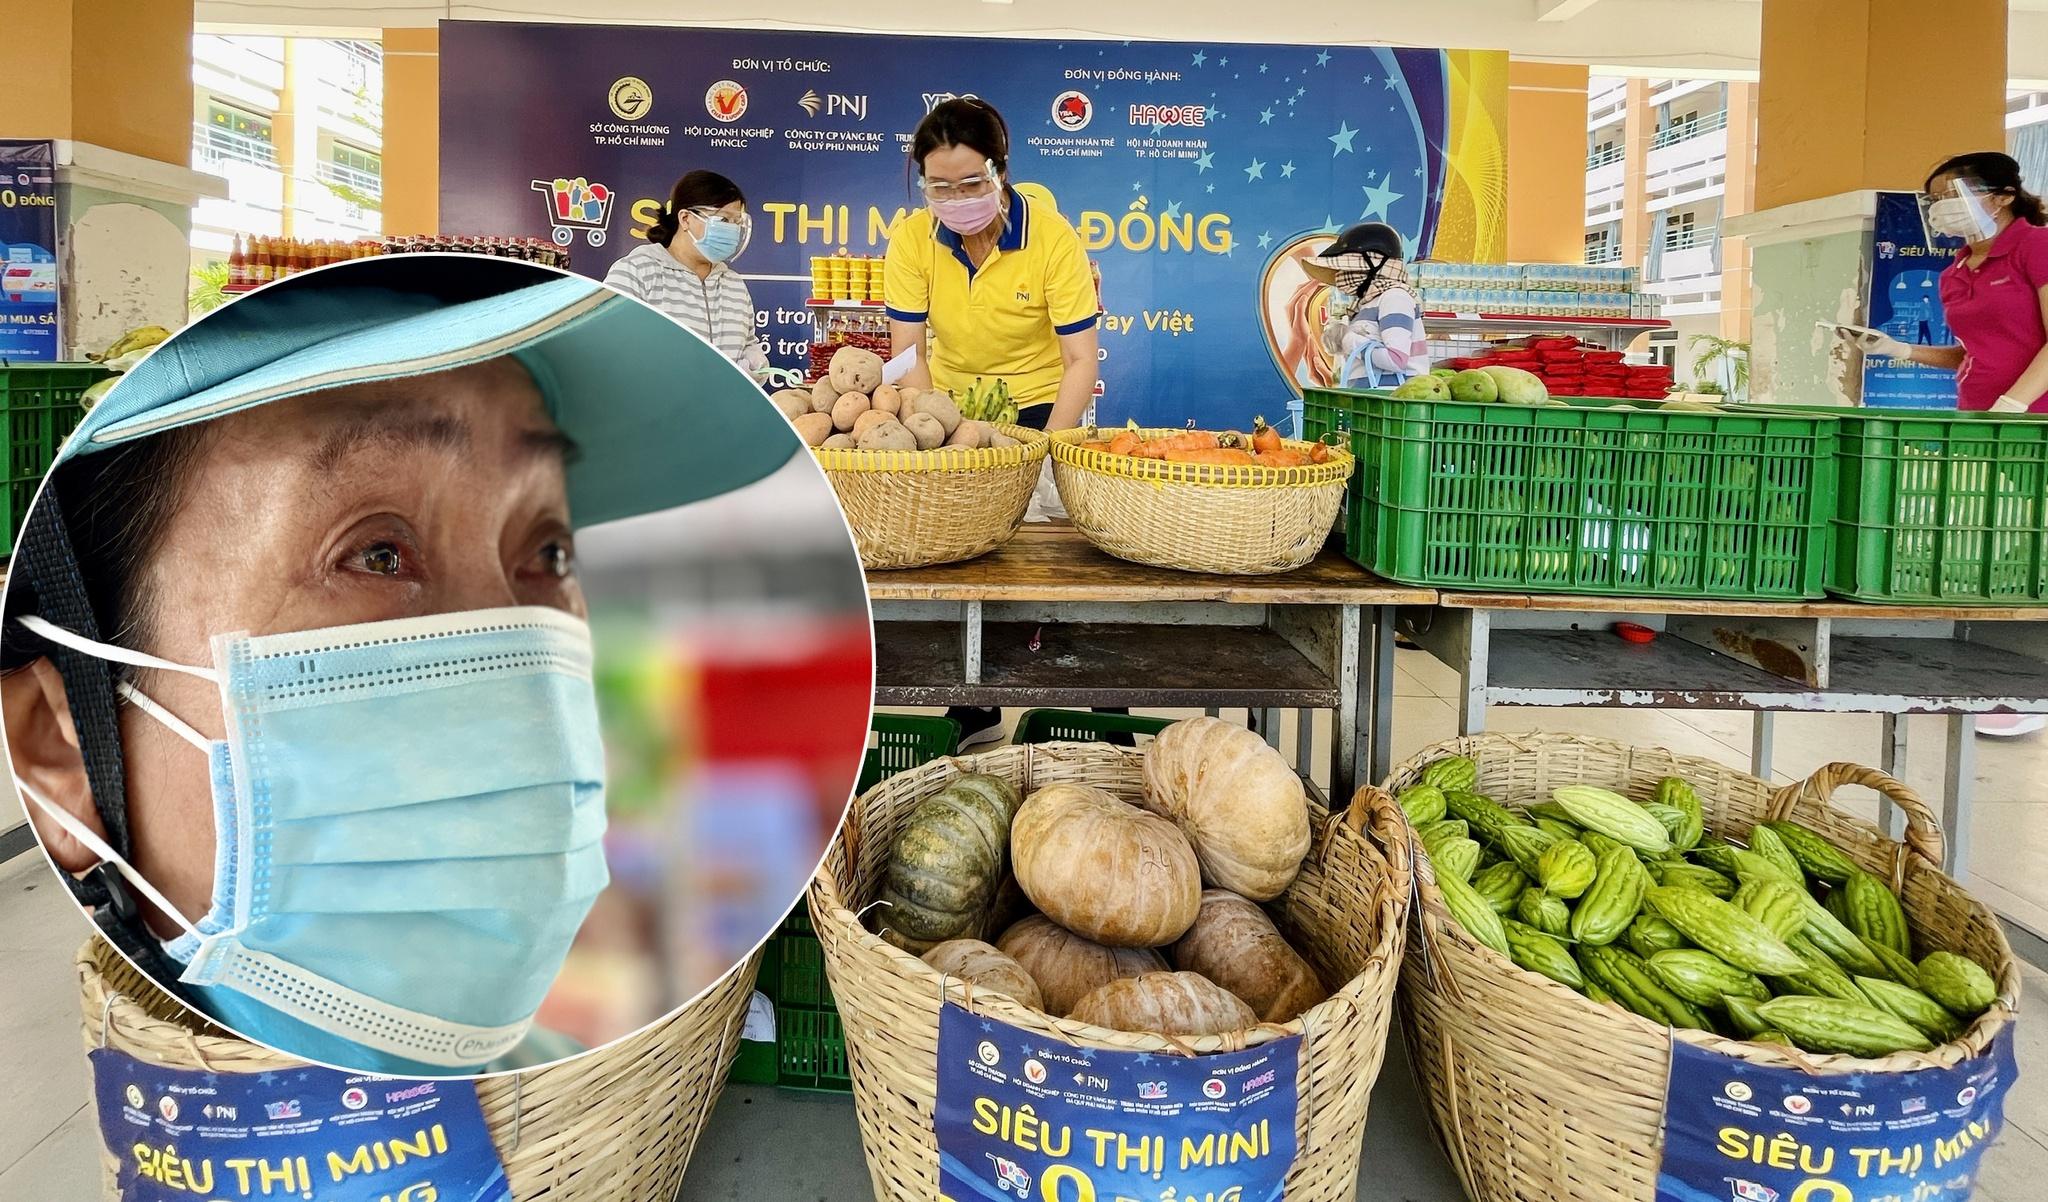 Bà Tuyết bật khóc giữa siêu thị 0 đồng /// Ảnh: Vũ Phượng